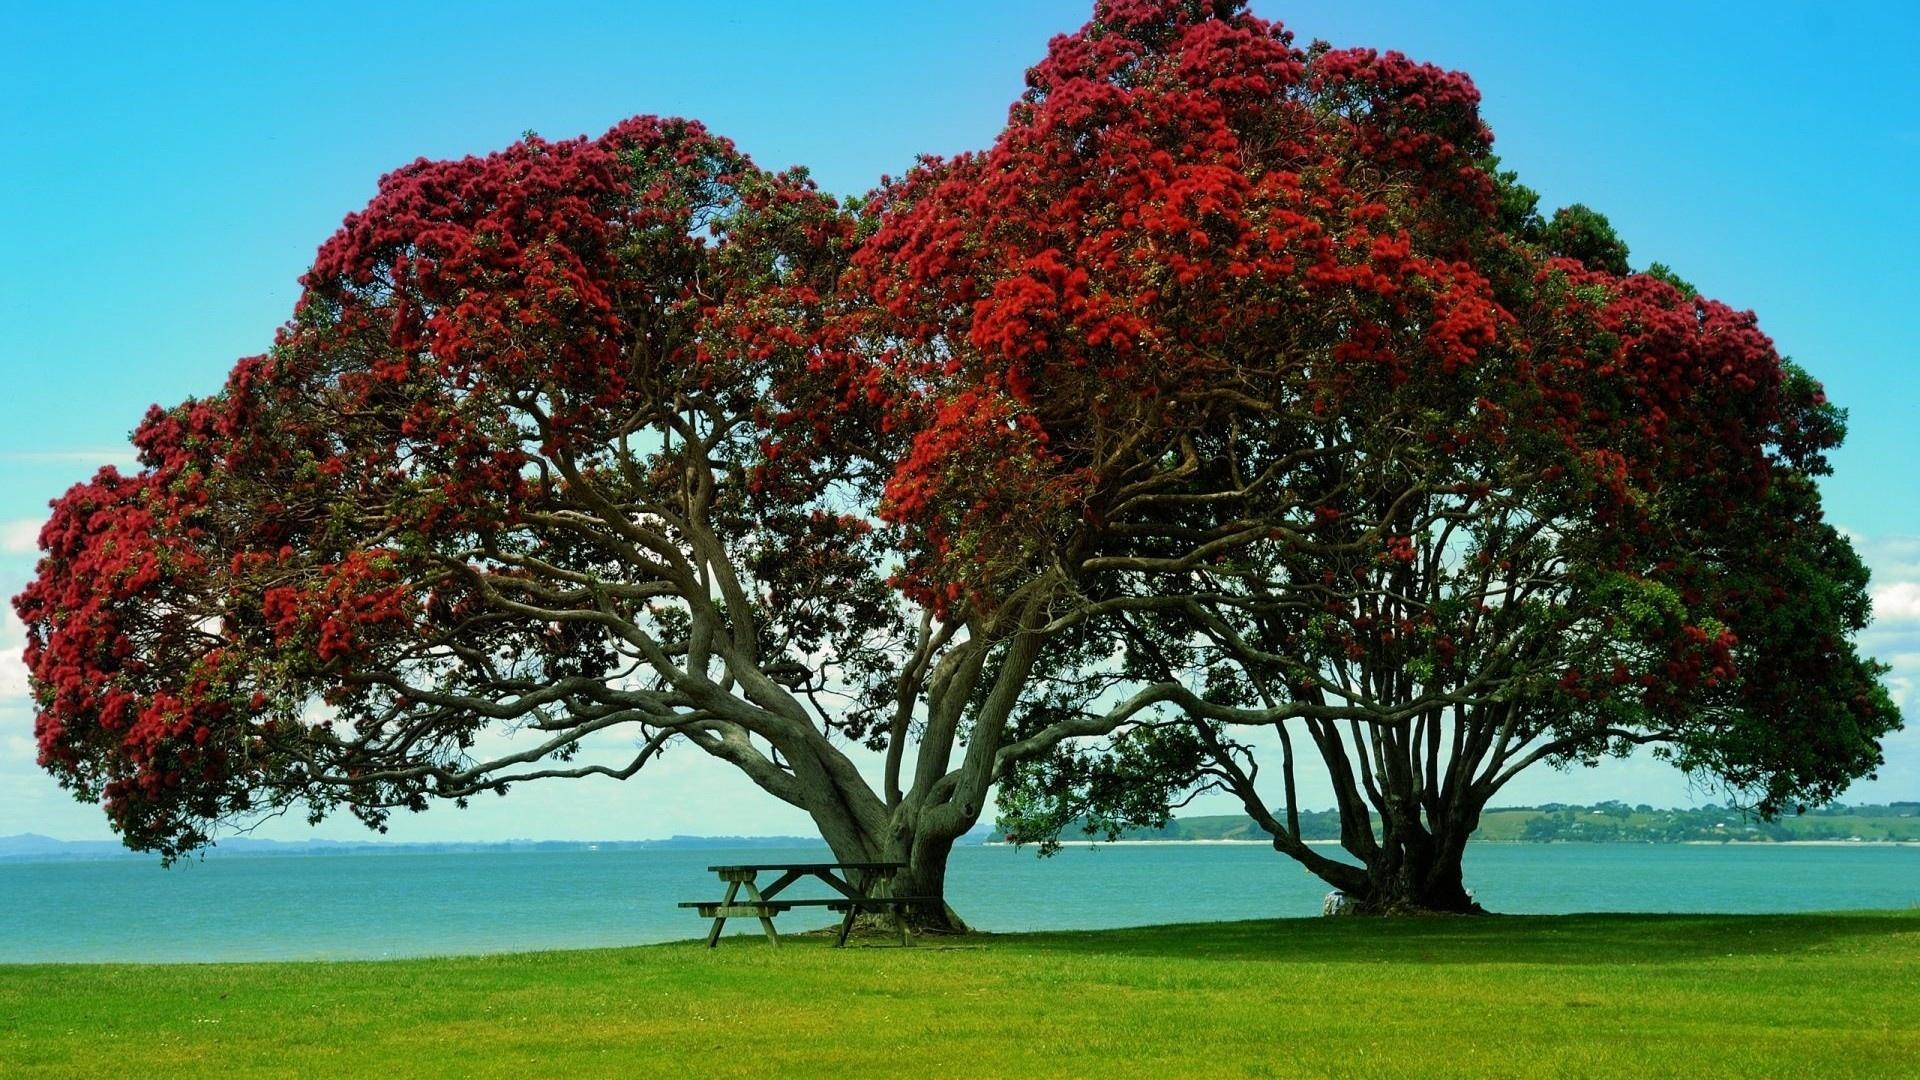 заполнения подписи растения деревья фото того, должанка это